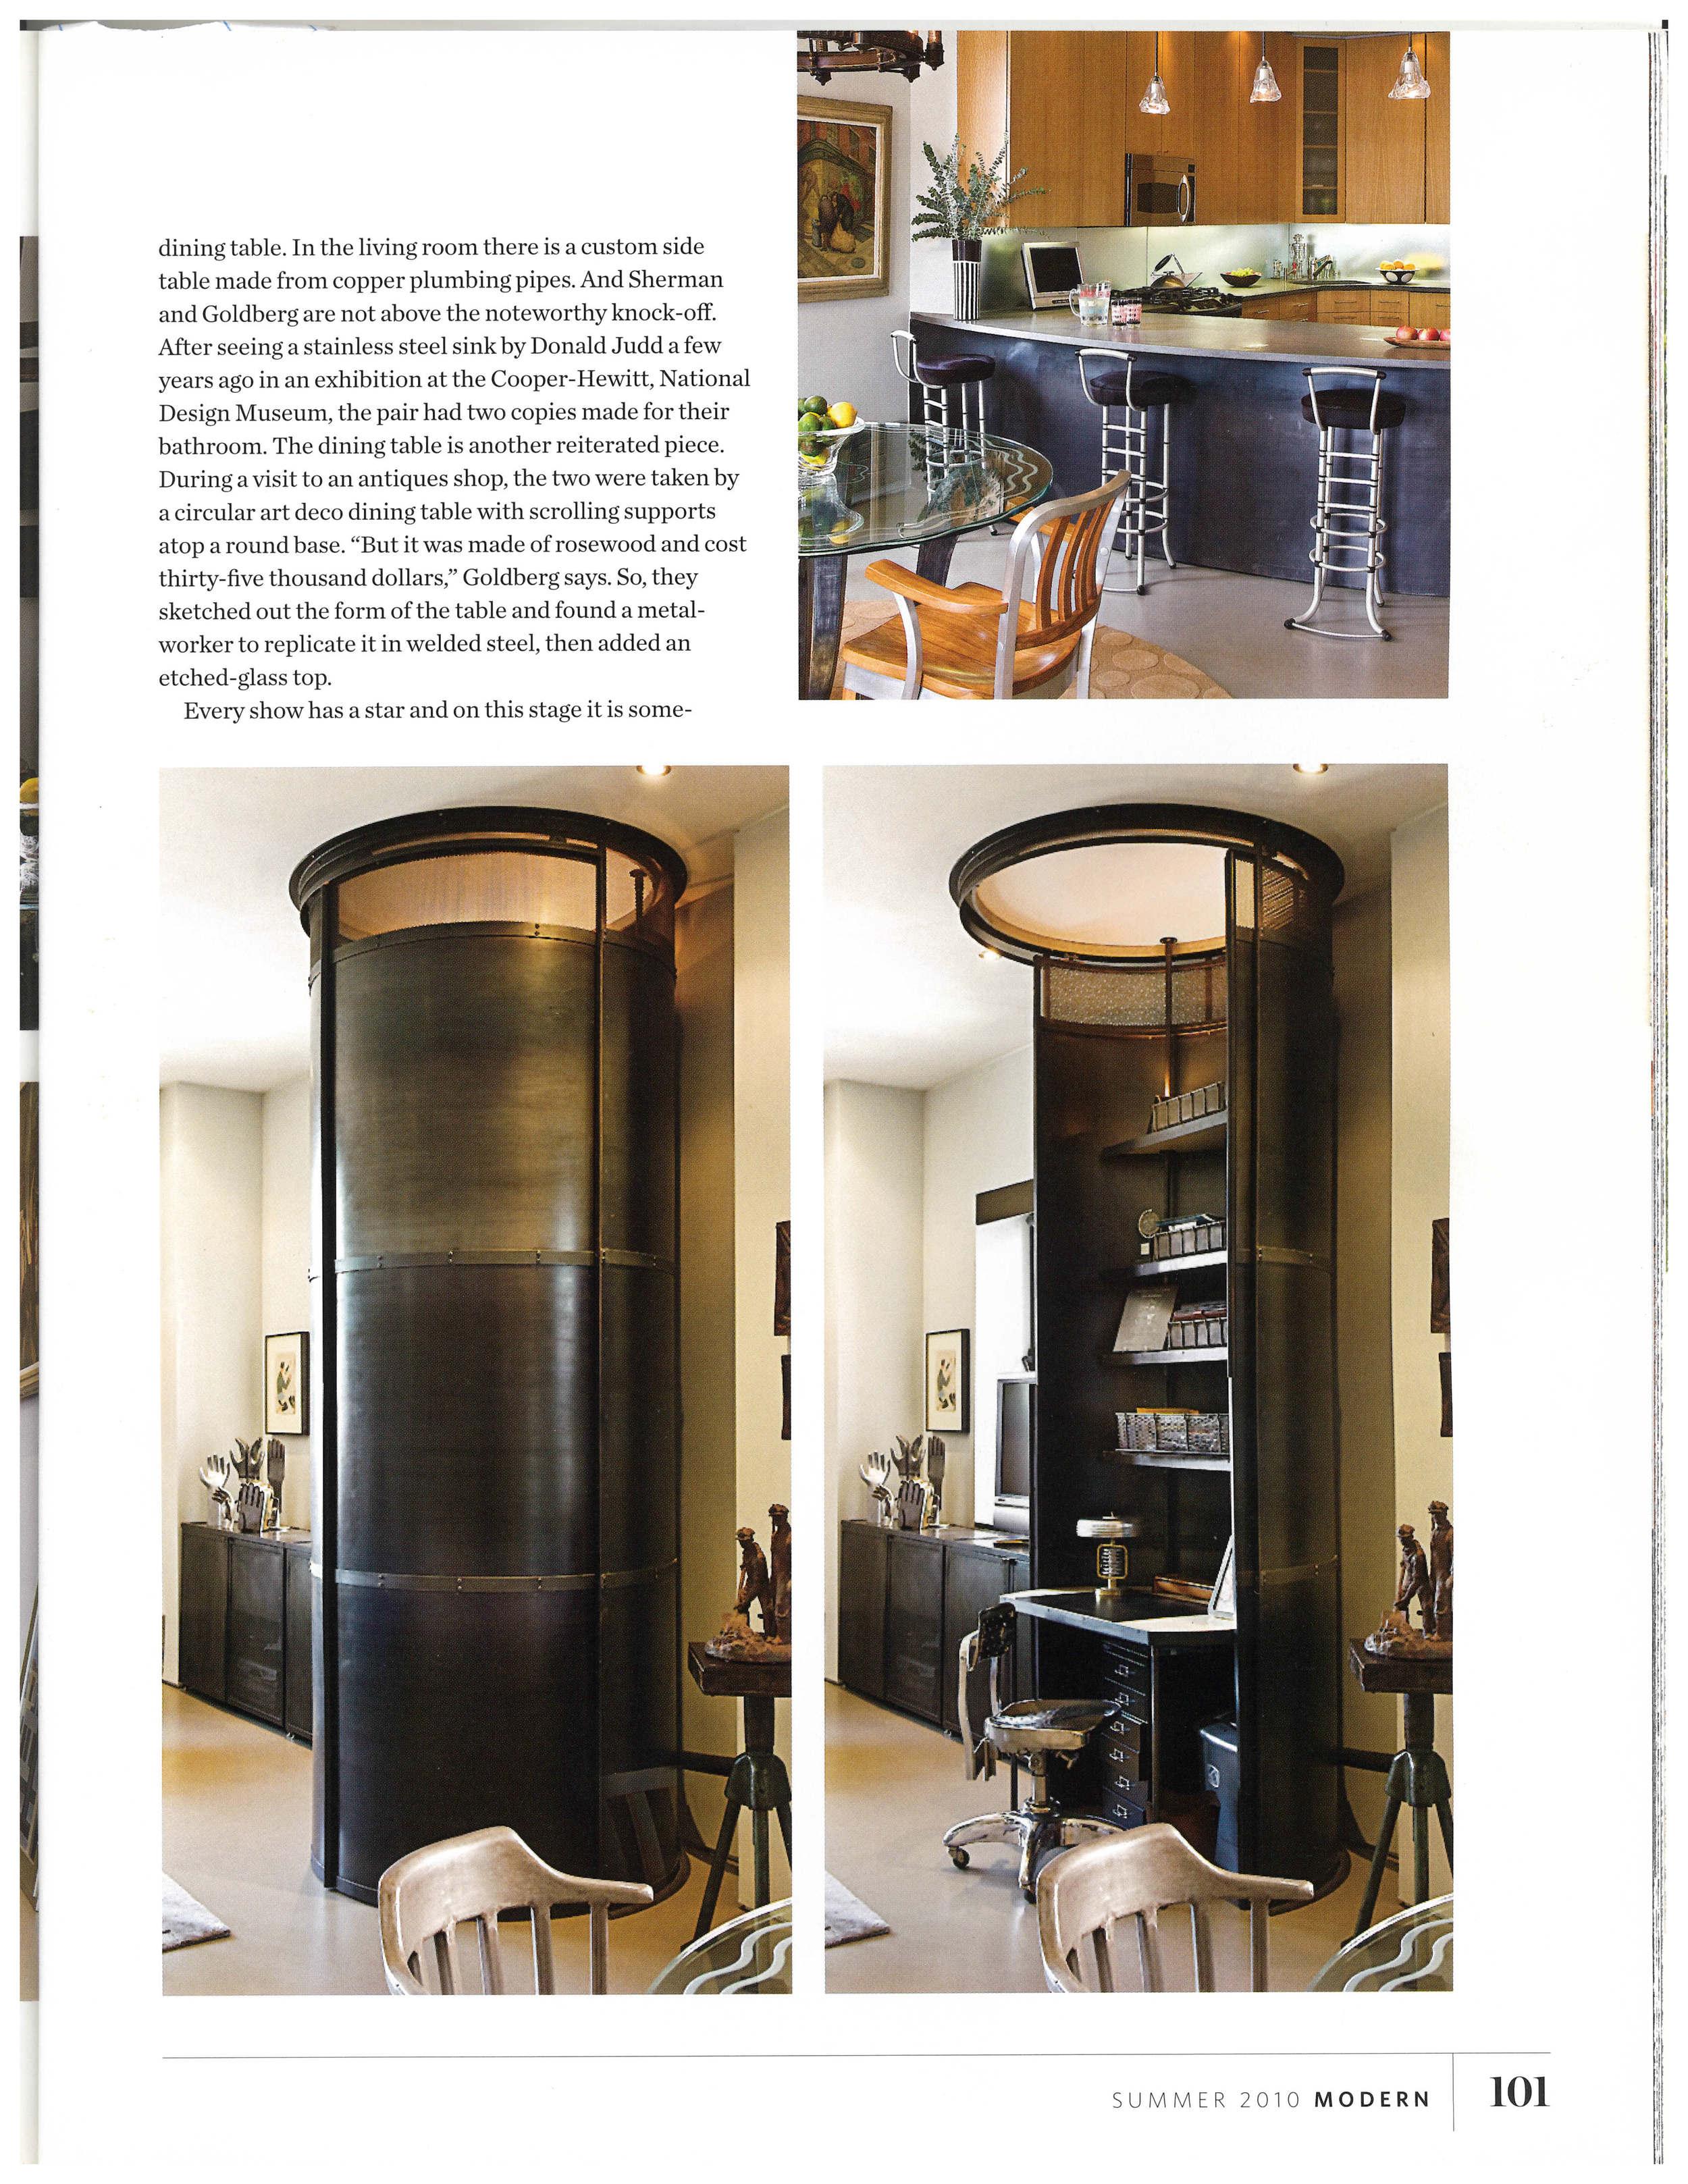 Modern Magazine.Summer 2010.pg101.jpg